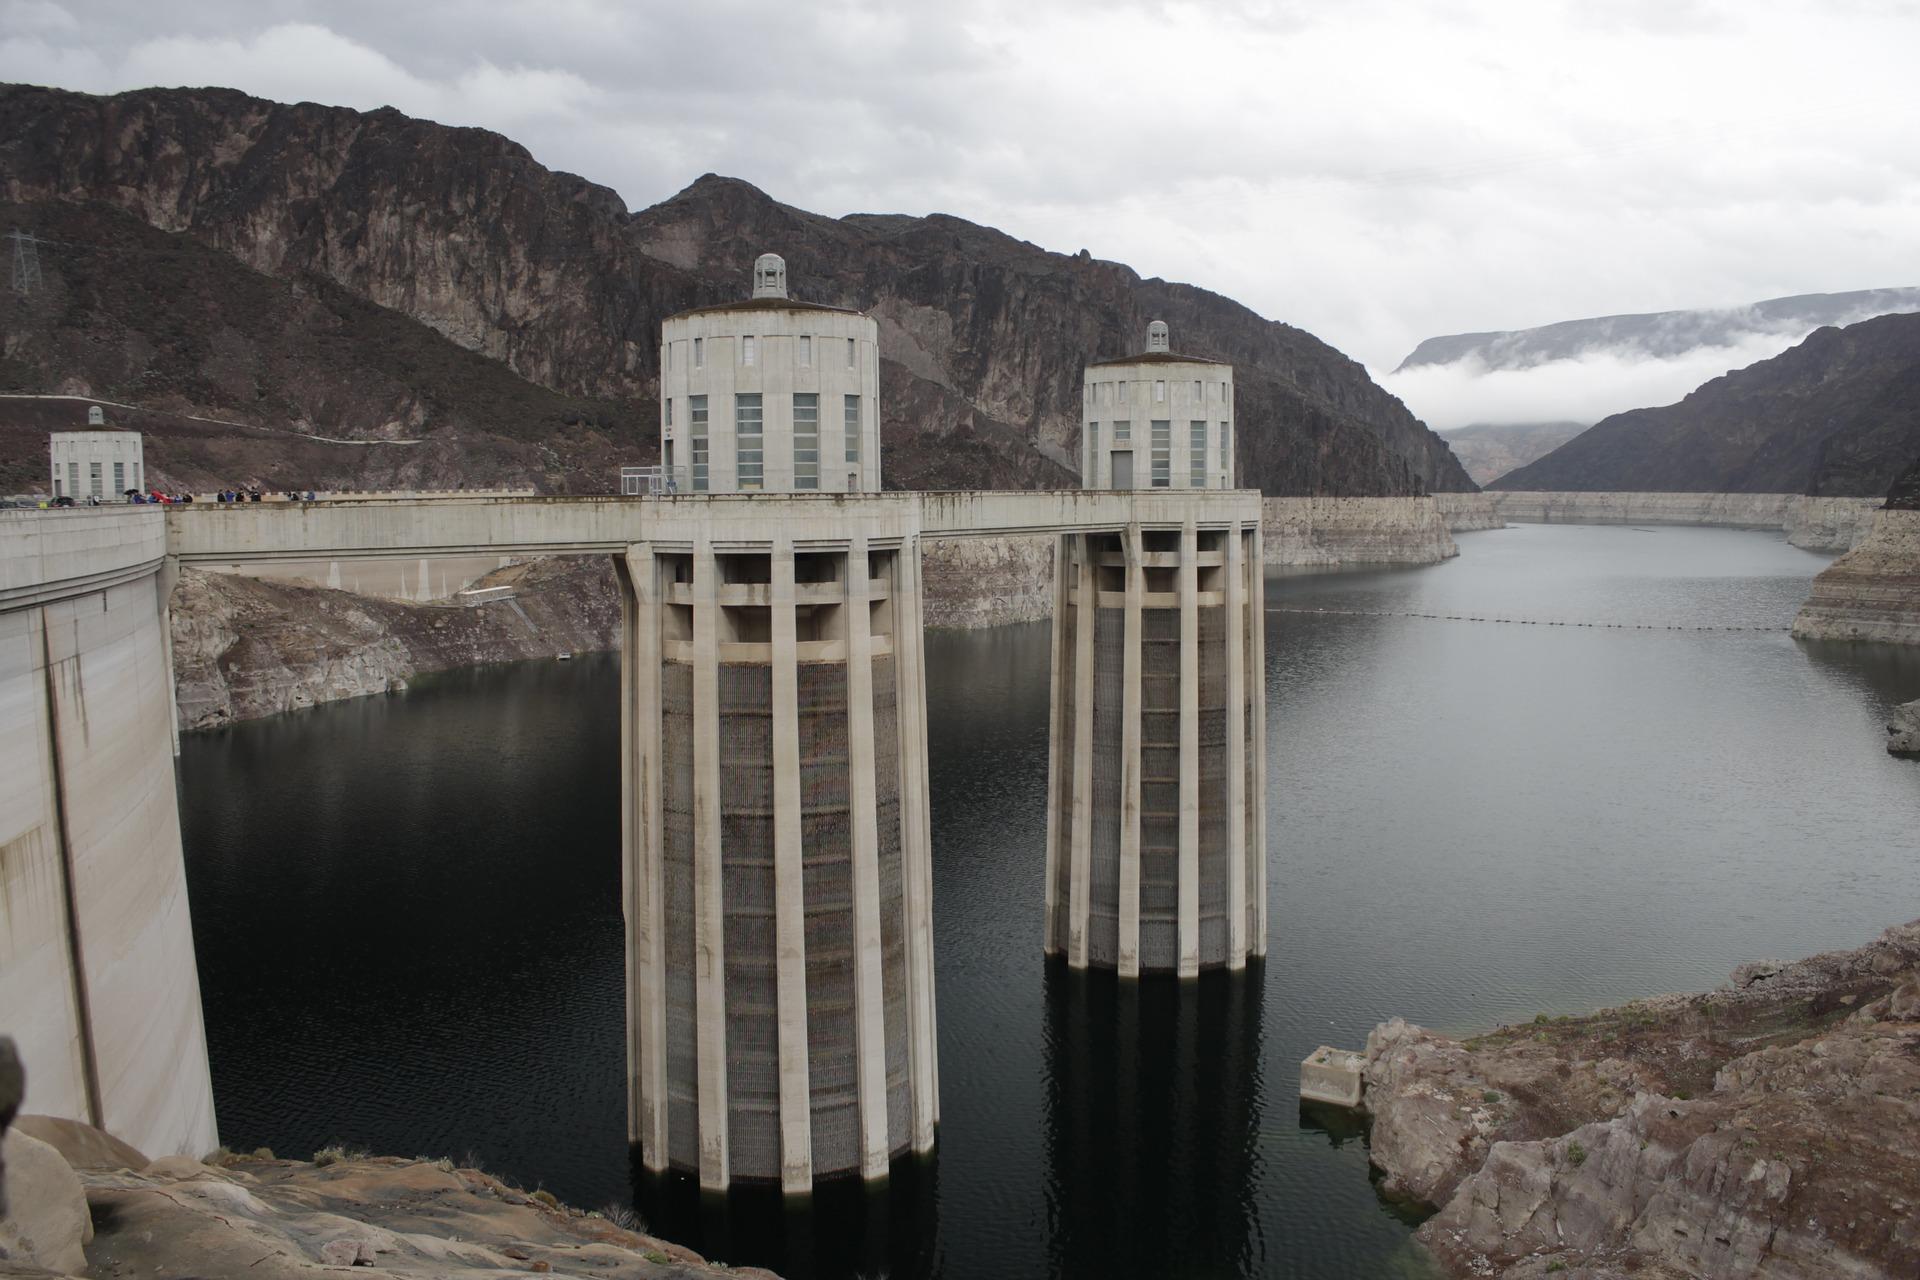 hoover-dam-2107954_1920.jpg